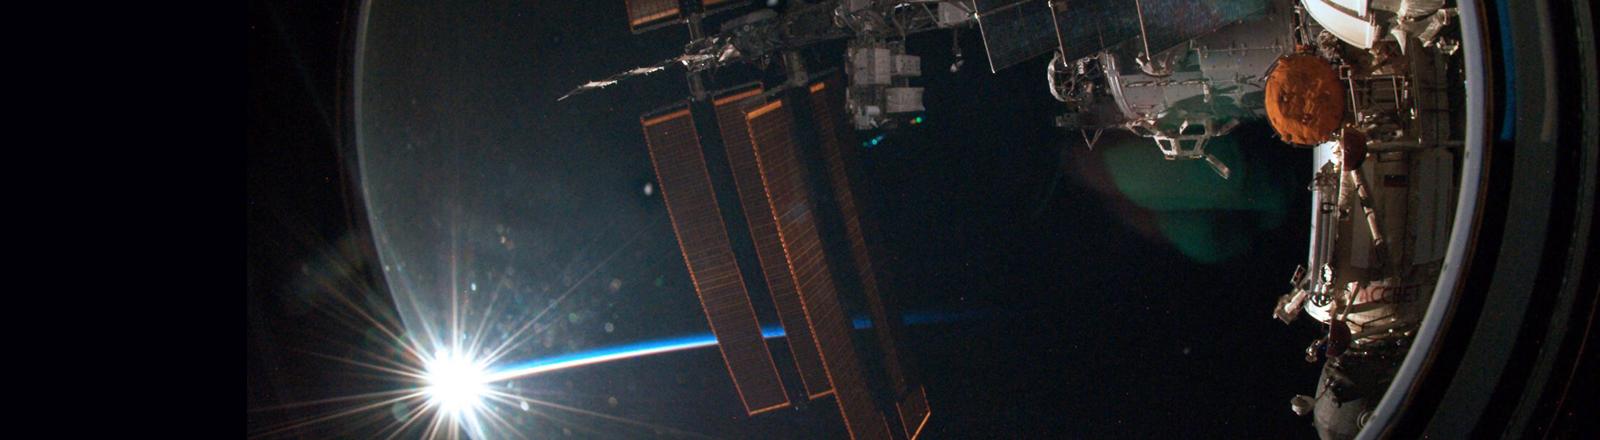 Astronaut Alexander Gerst schoss dieses Bild von der ISS aus und twitterte es.